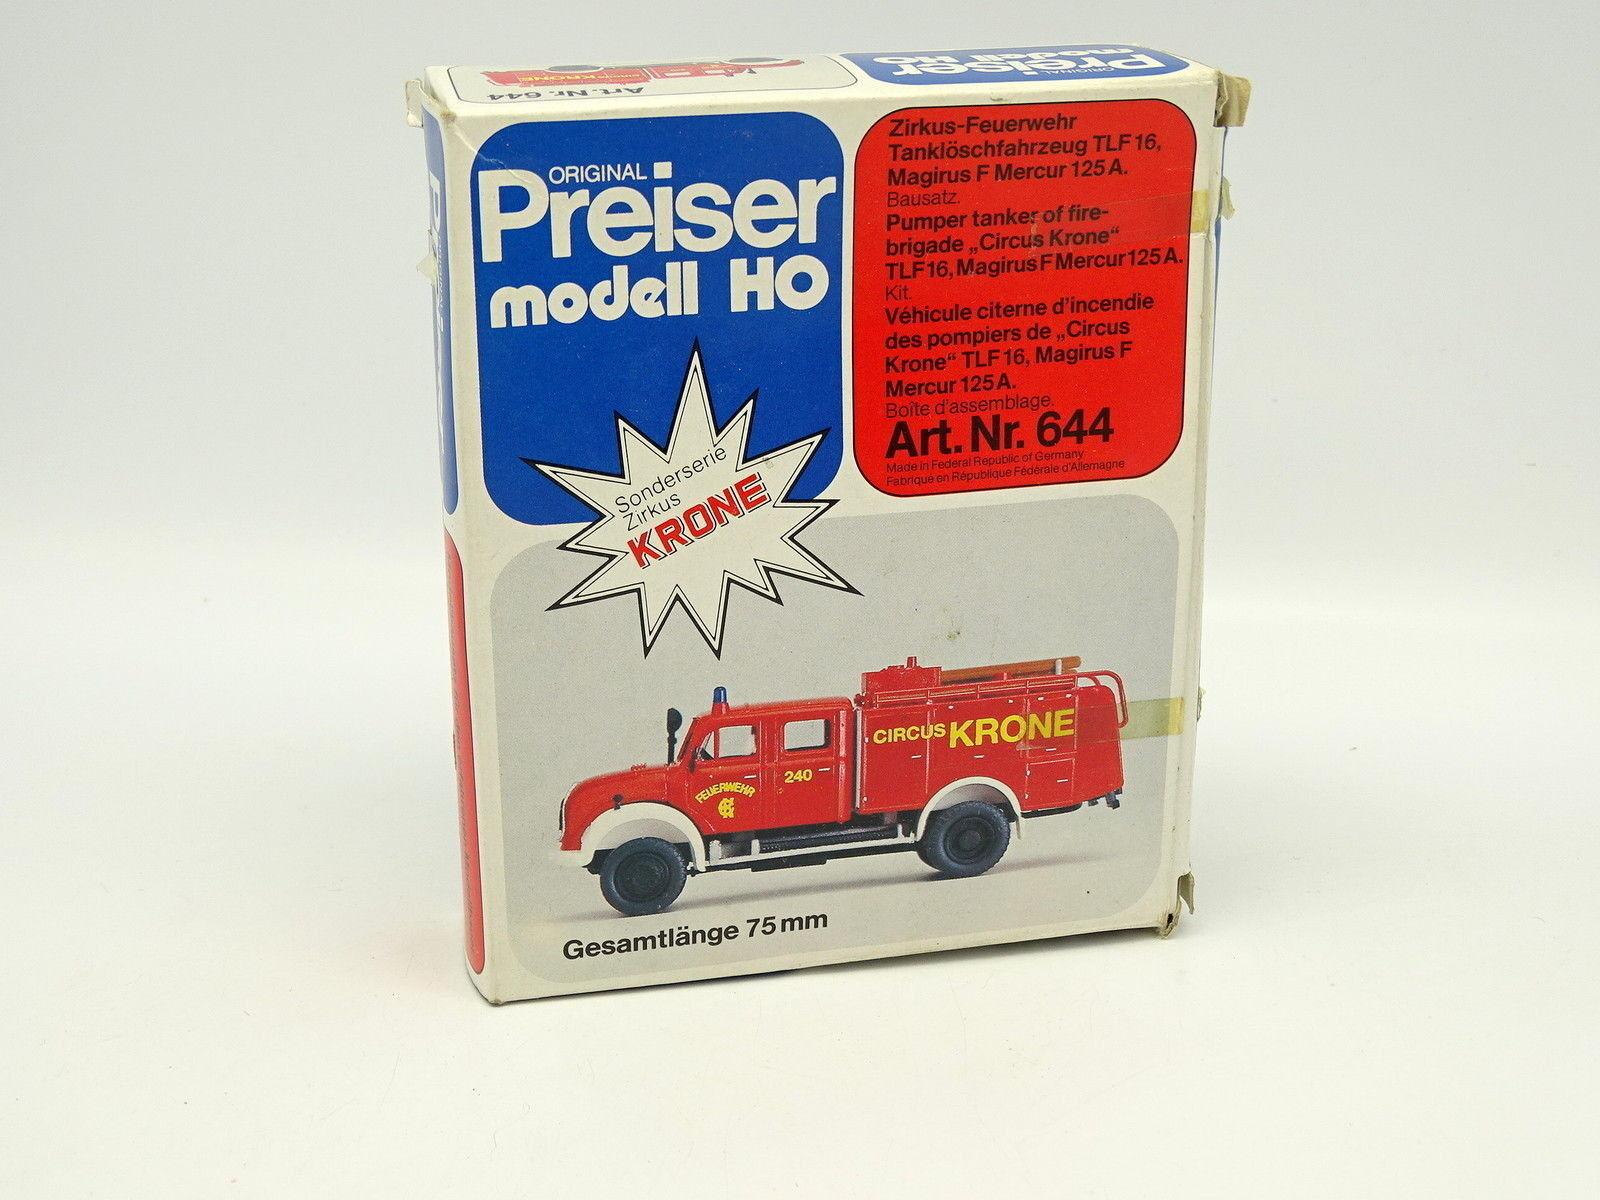 Preiser Kit à monter 1 87 HO - Magirus F Mercur 125A  Pompiers Feuerwehr Krone